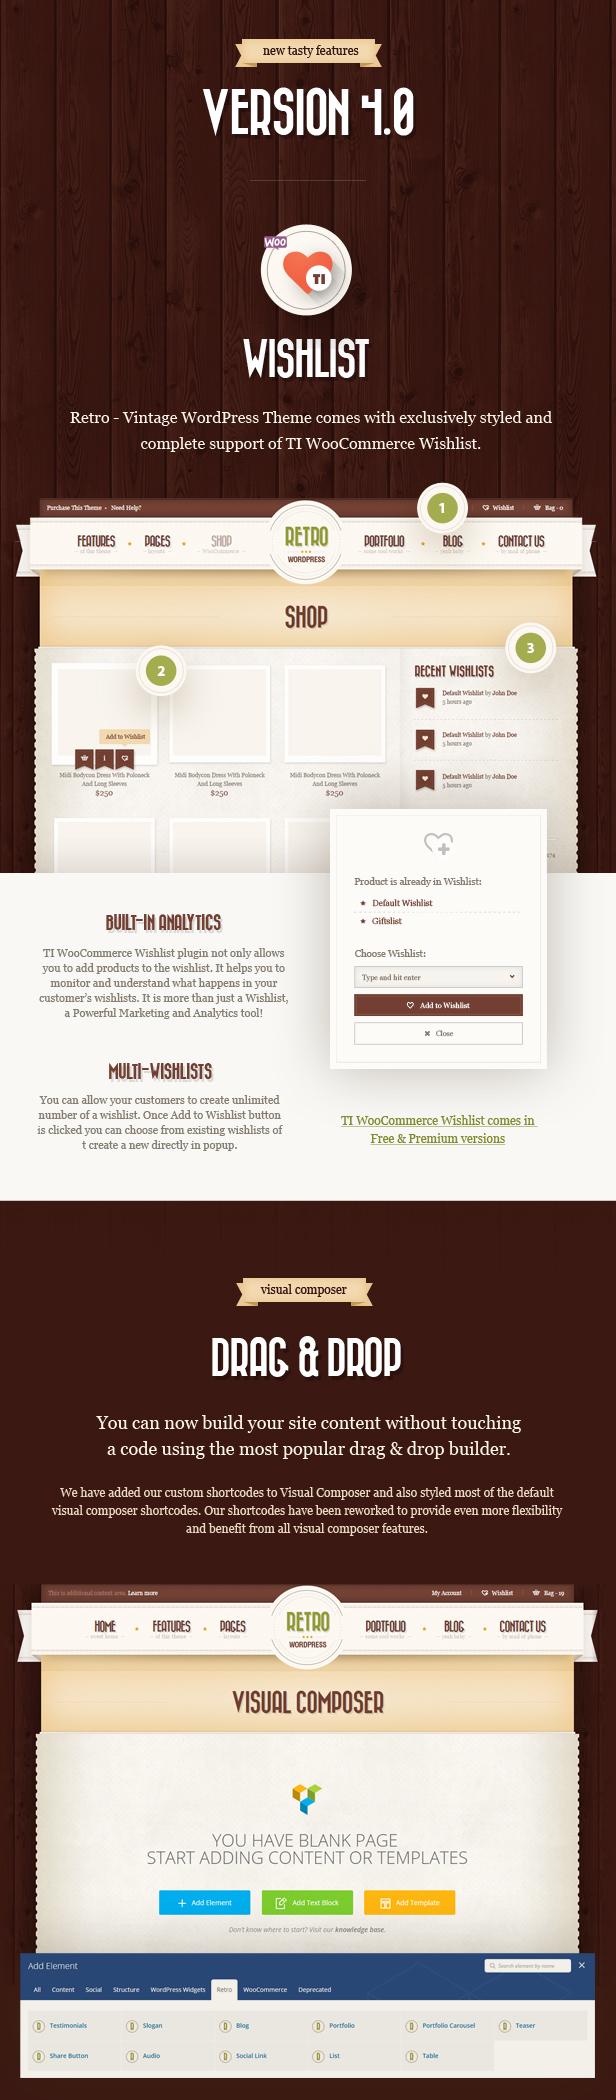 Retro - Vintage WordPress Theme - 2